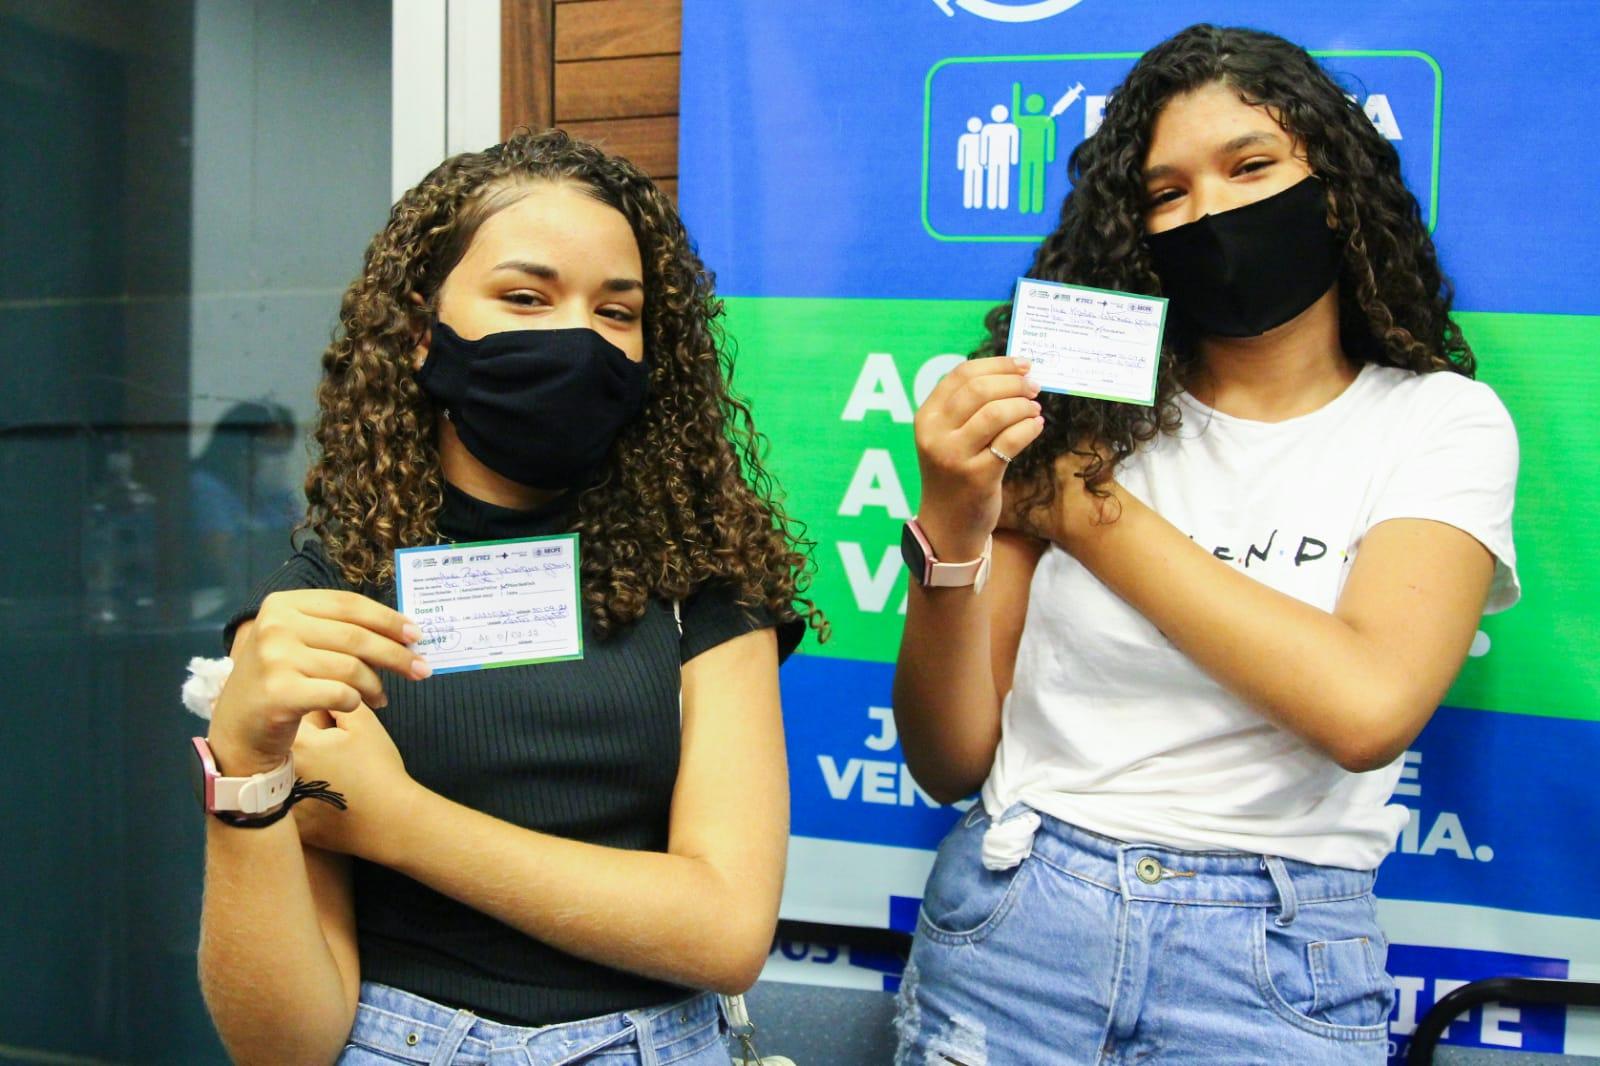 Ana Karla, 13 anos, e Ana Paula, 12 anos, receberam a 1ª dose do imunizante tipo Pfizer contra a Covid-19, no Porto Digital, na Rua do Apolo, nº 235, no Bairro do Recife. (Sandy James/Especial DP)